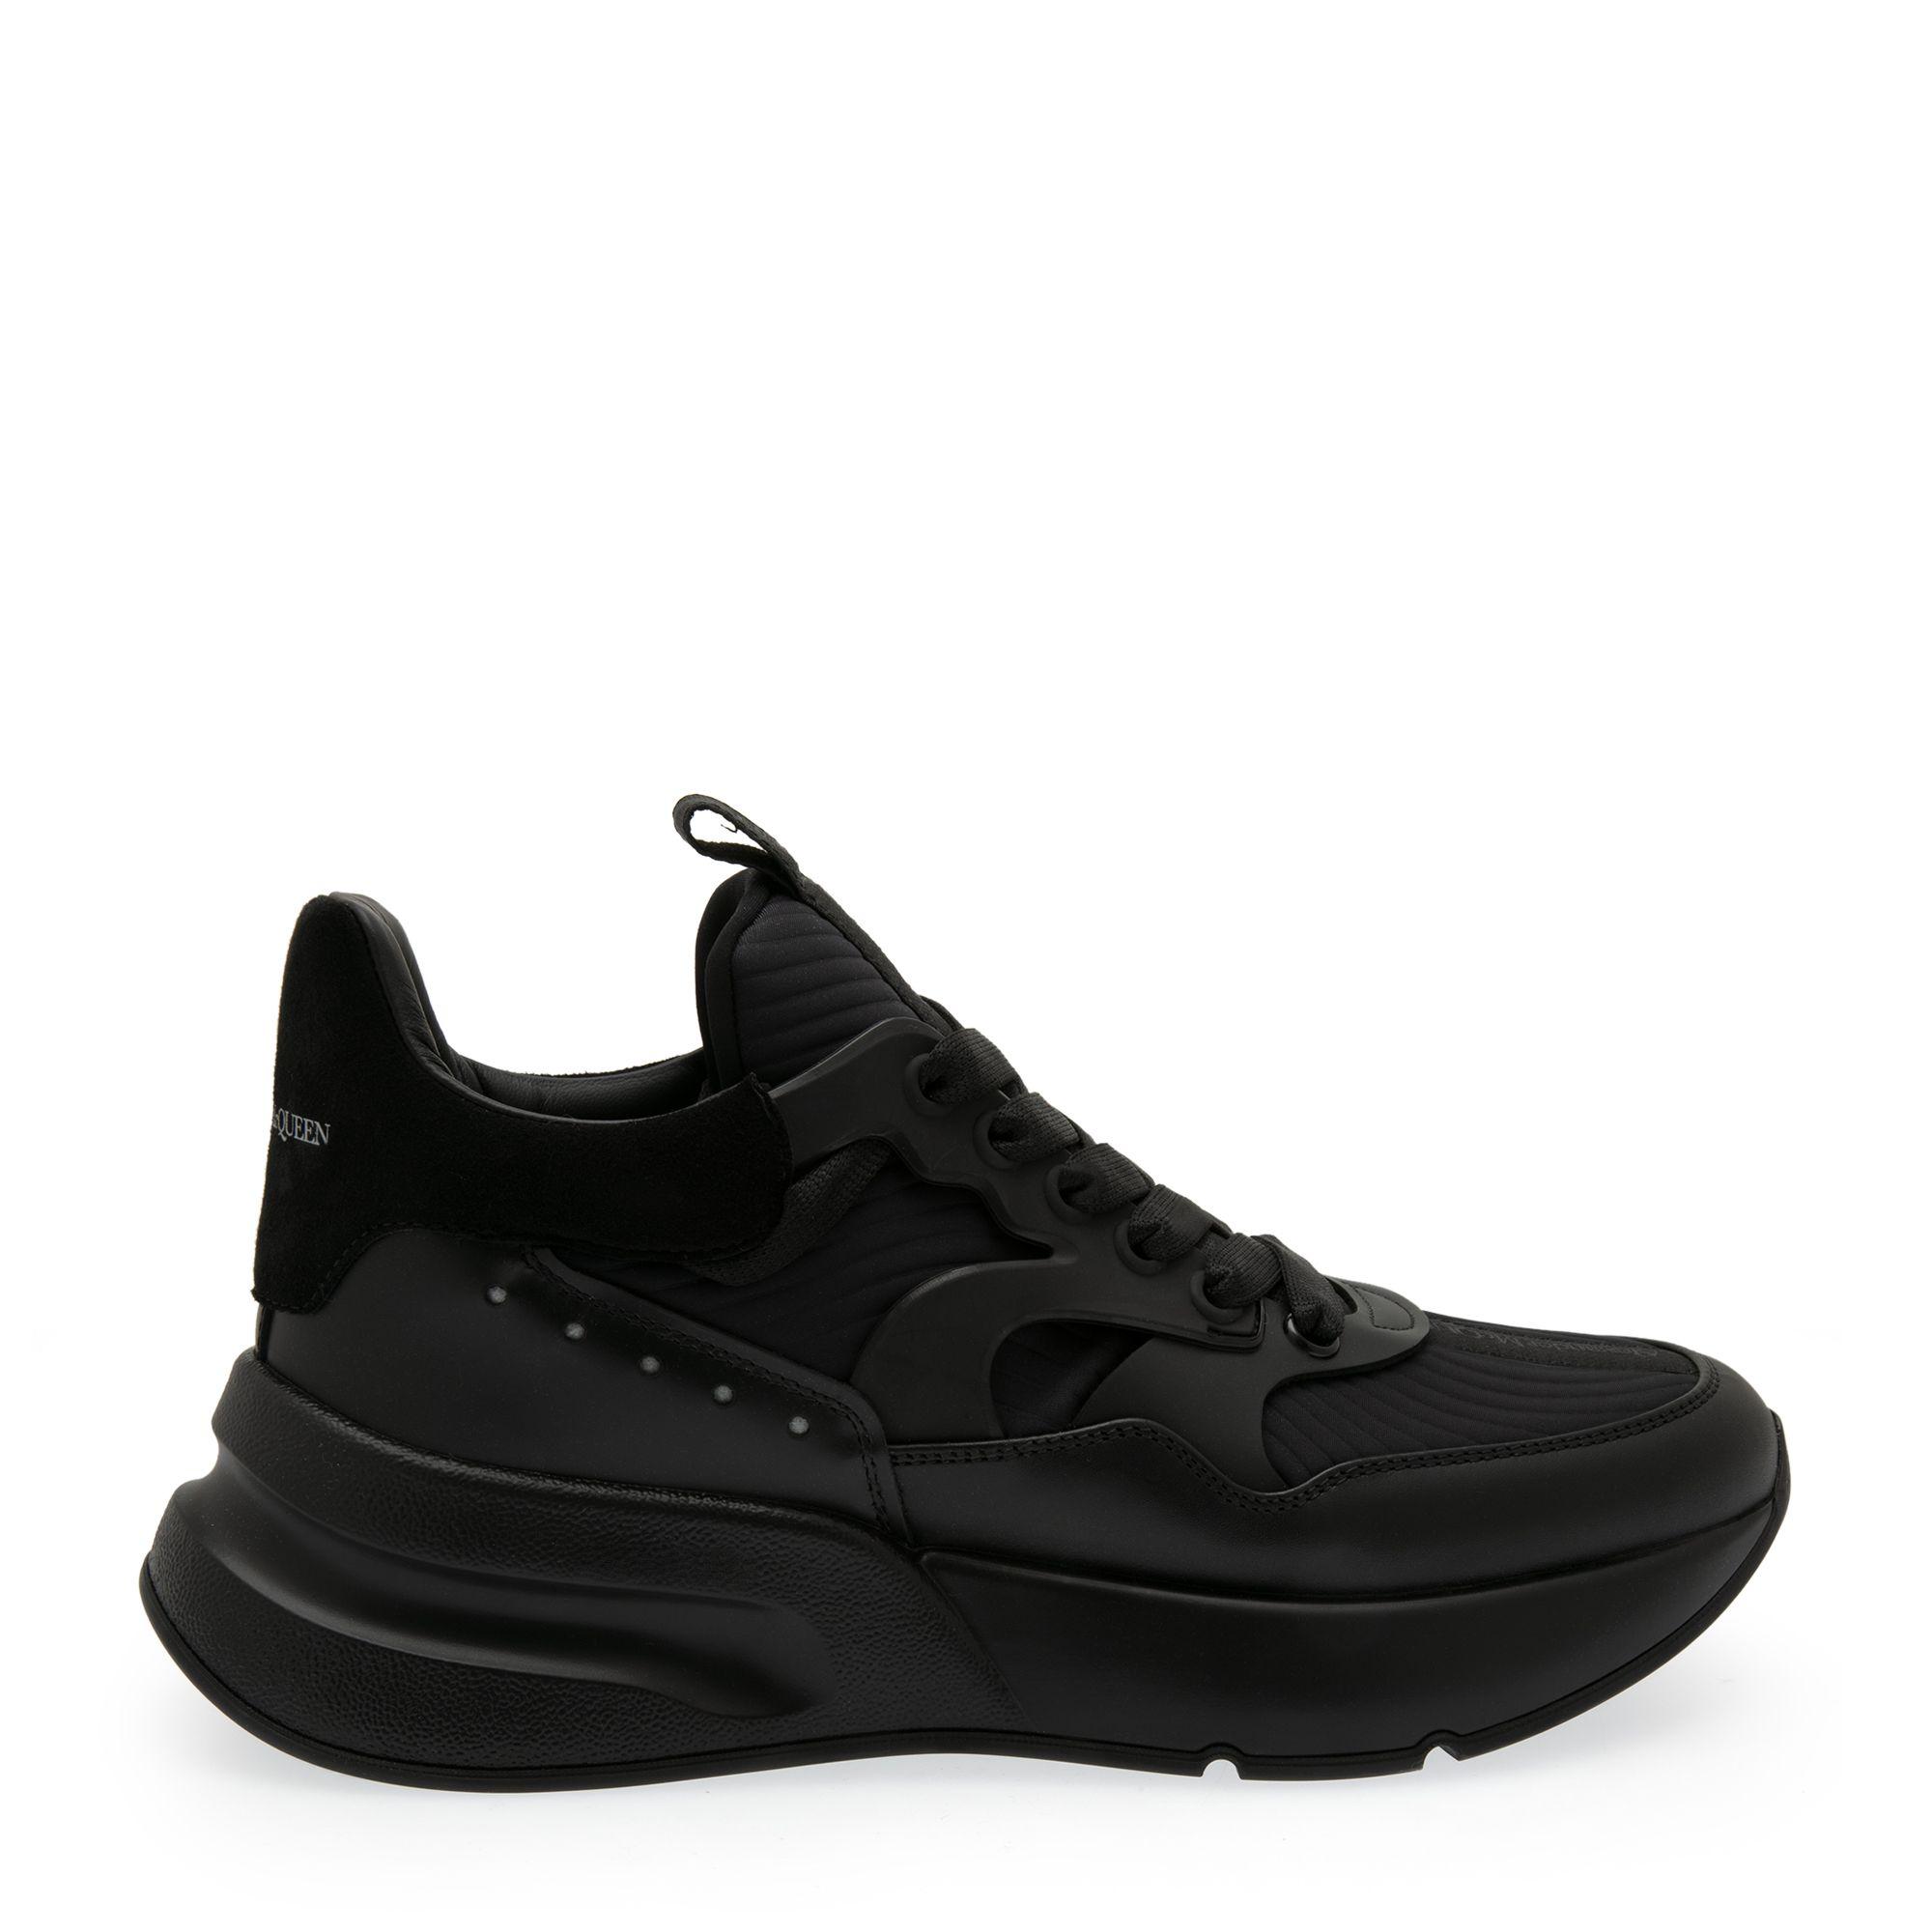 Runner sneakers